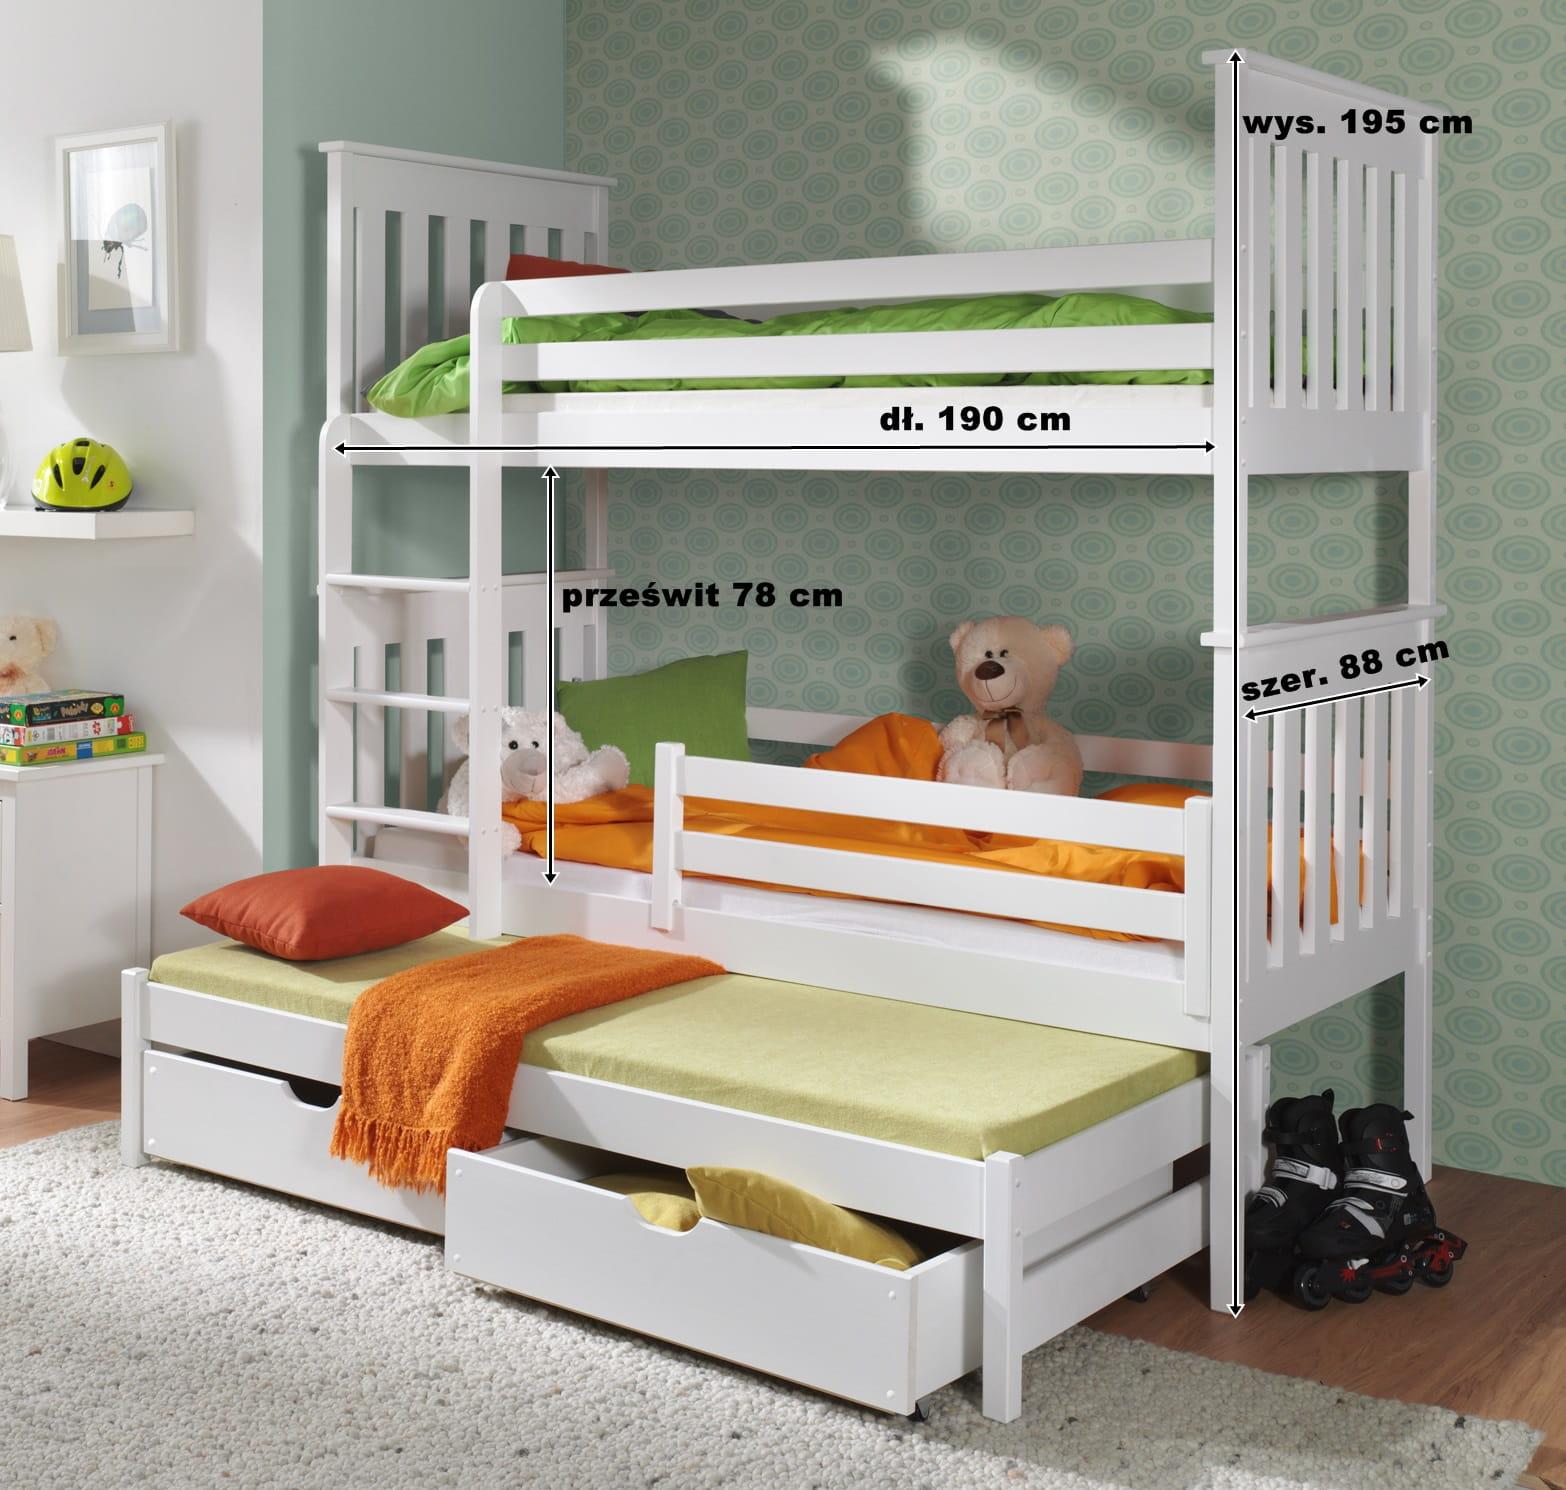 łóżko Piętrowe Trzyosobowe Reksio Meblegratka